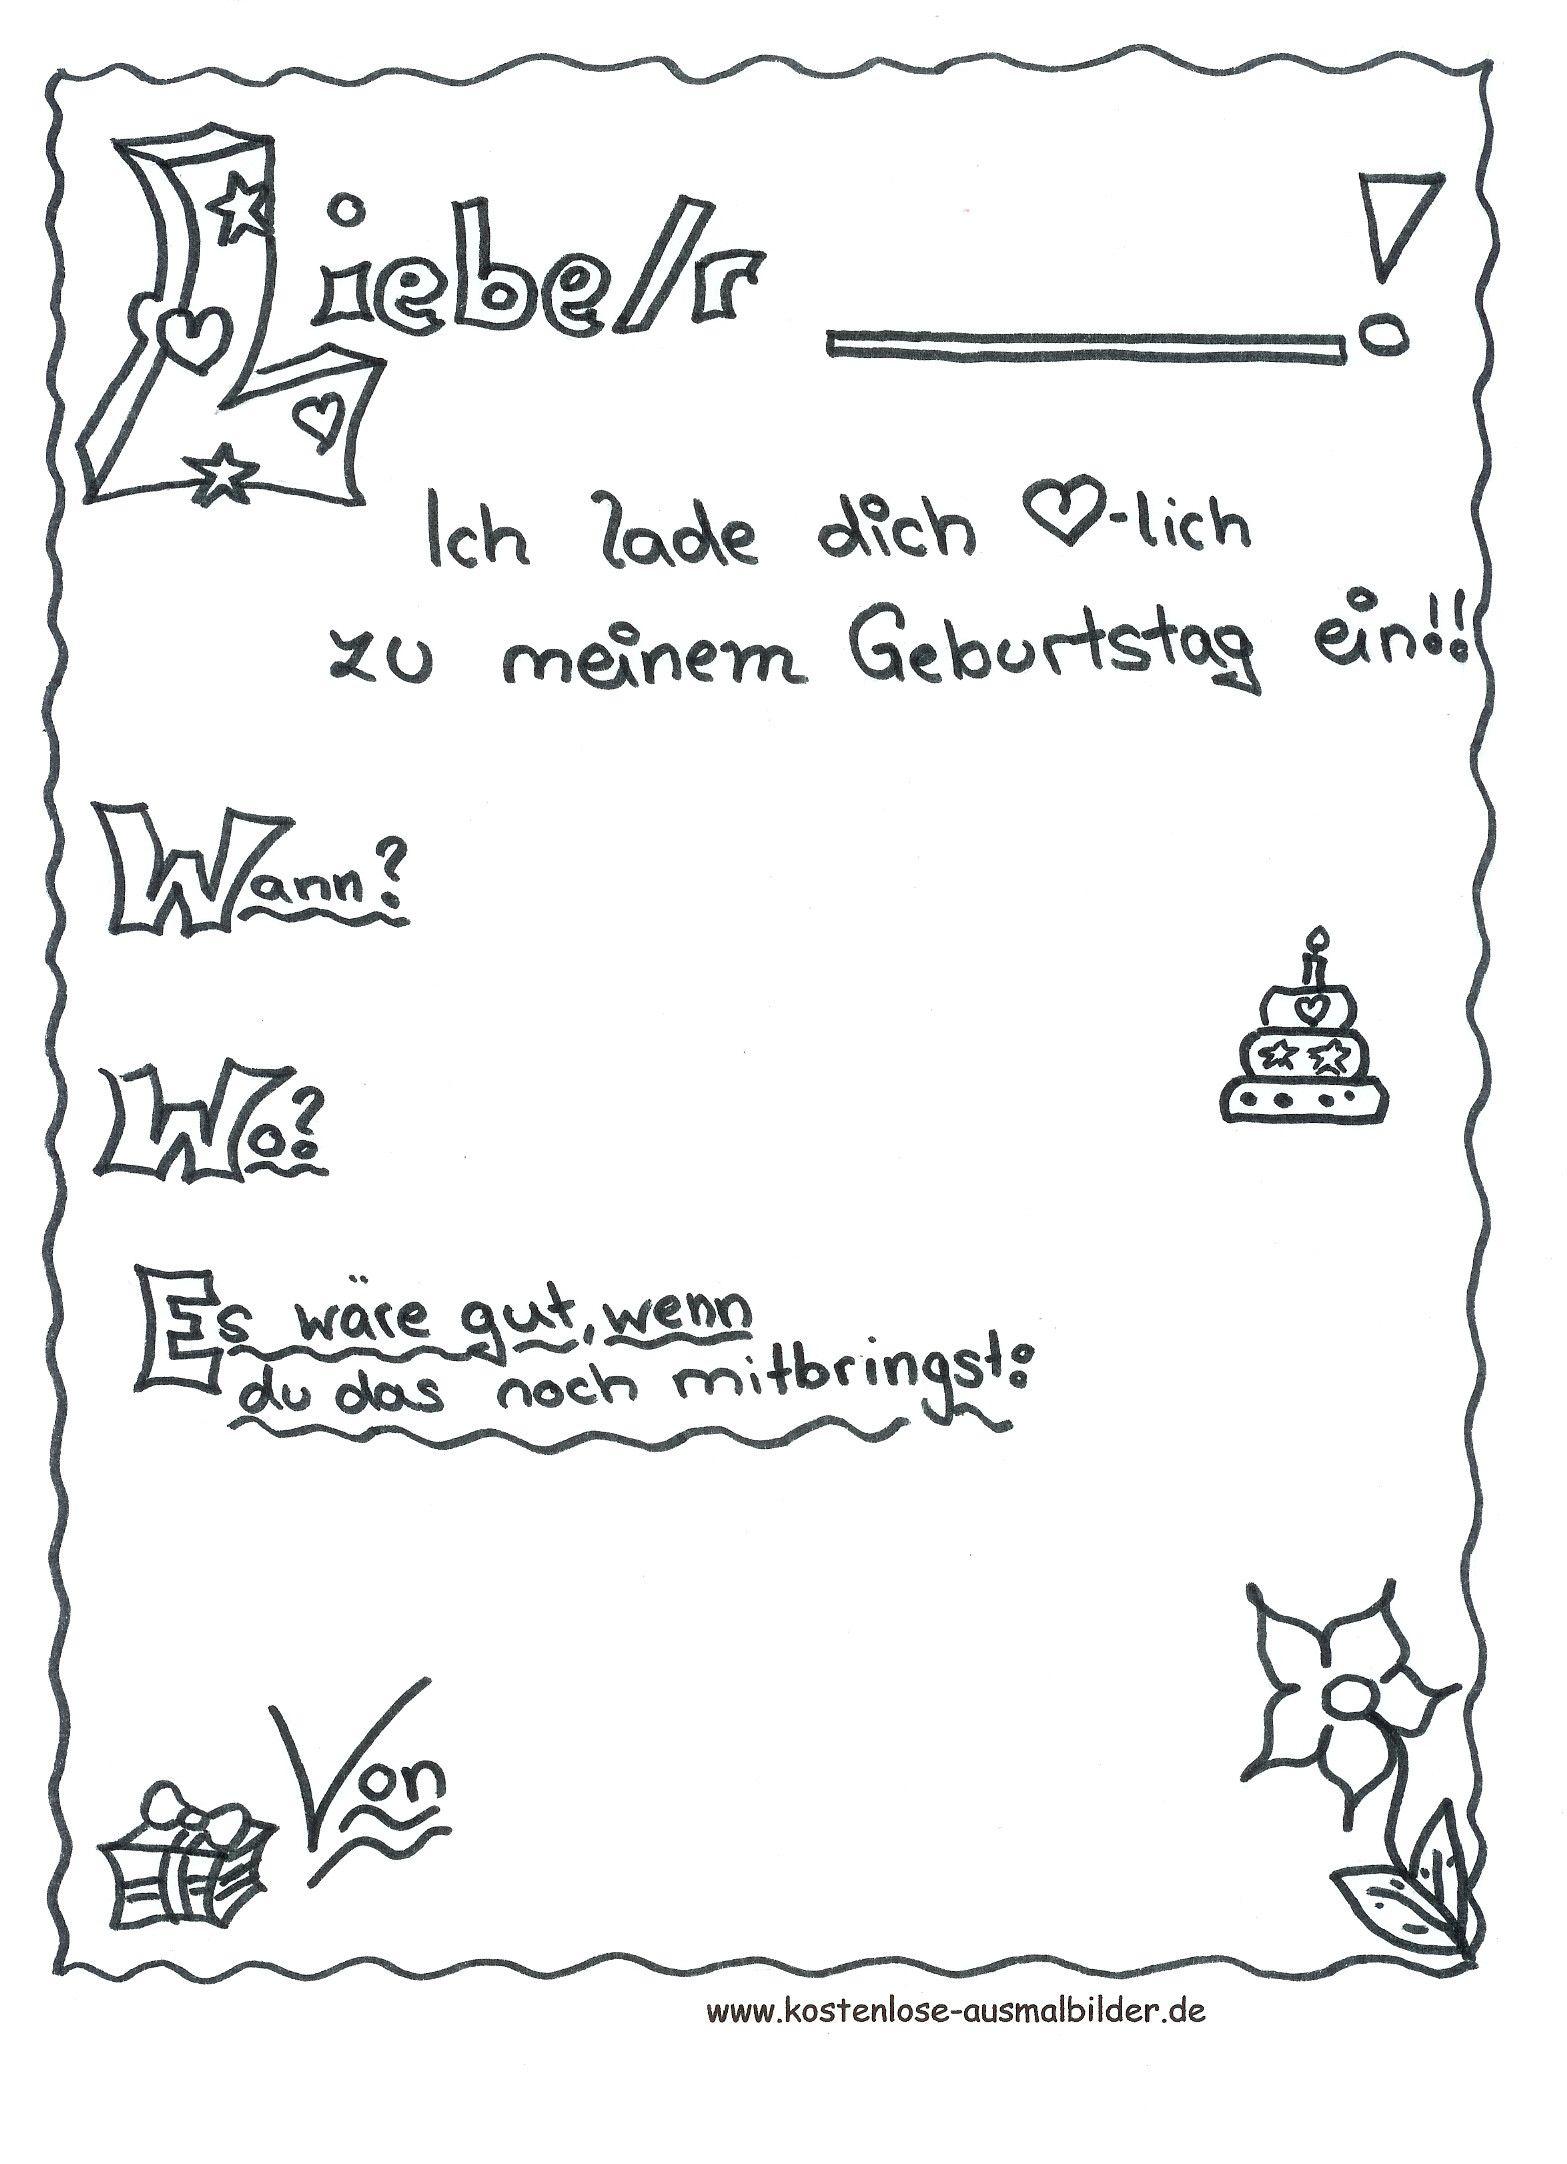 Einladungskarten Geburtstag Gratis Vorlagen Lovely Einladungskarten Zum Geburtstag Mit Bildern Einladungskarten Geburtstag Kostenlos Einladungen Geburtstag Kostenlos Geburtstagseinladungen Zum Ausdrucken